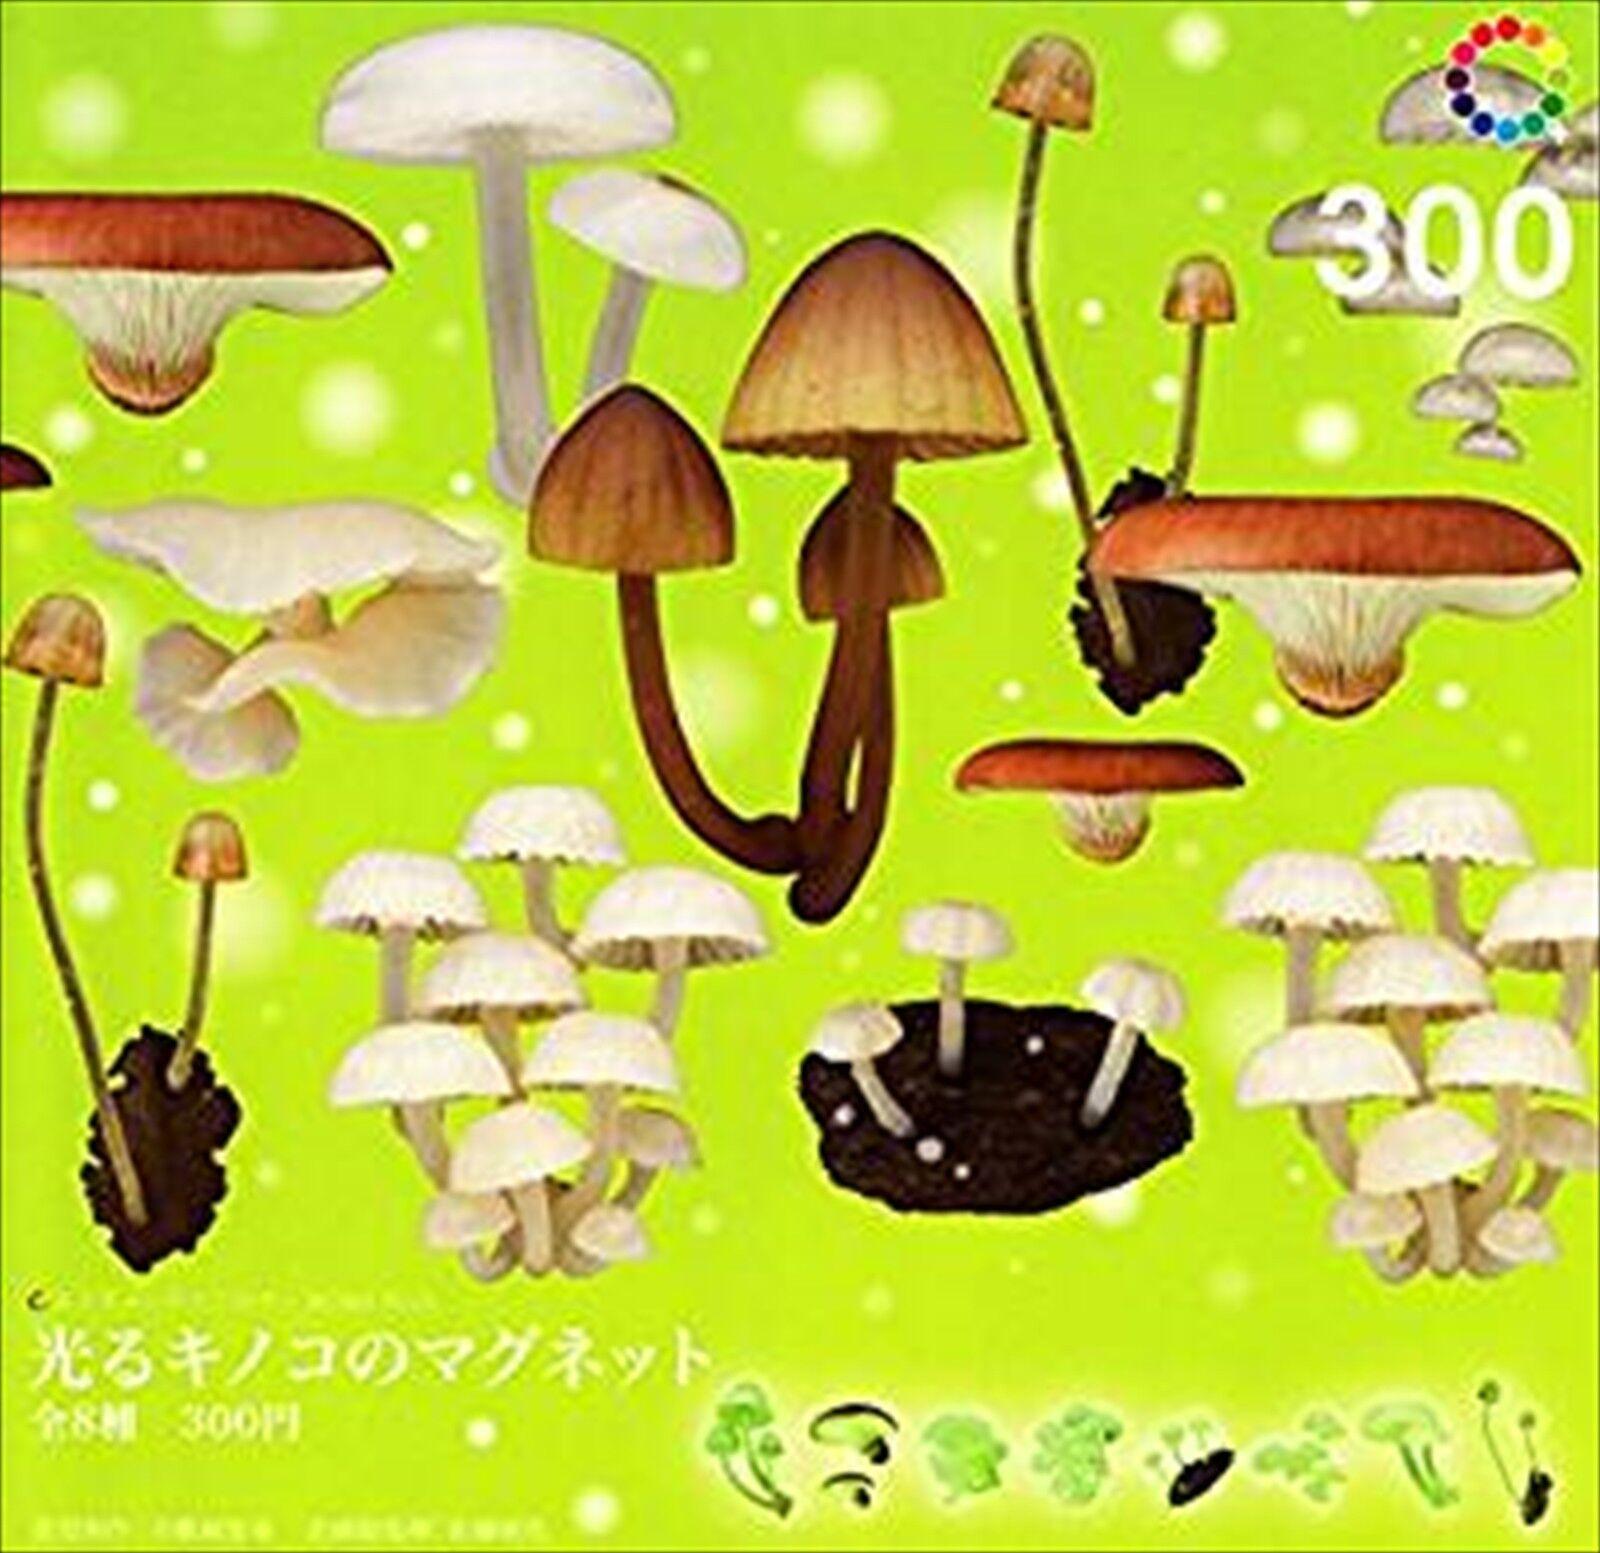 Magnet all eight sets  of Capsule Nature TechniCouleur MONO GFaibleing mushroom nouveau  vente en ligne